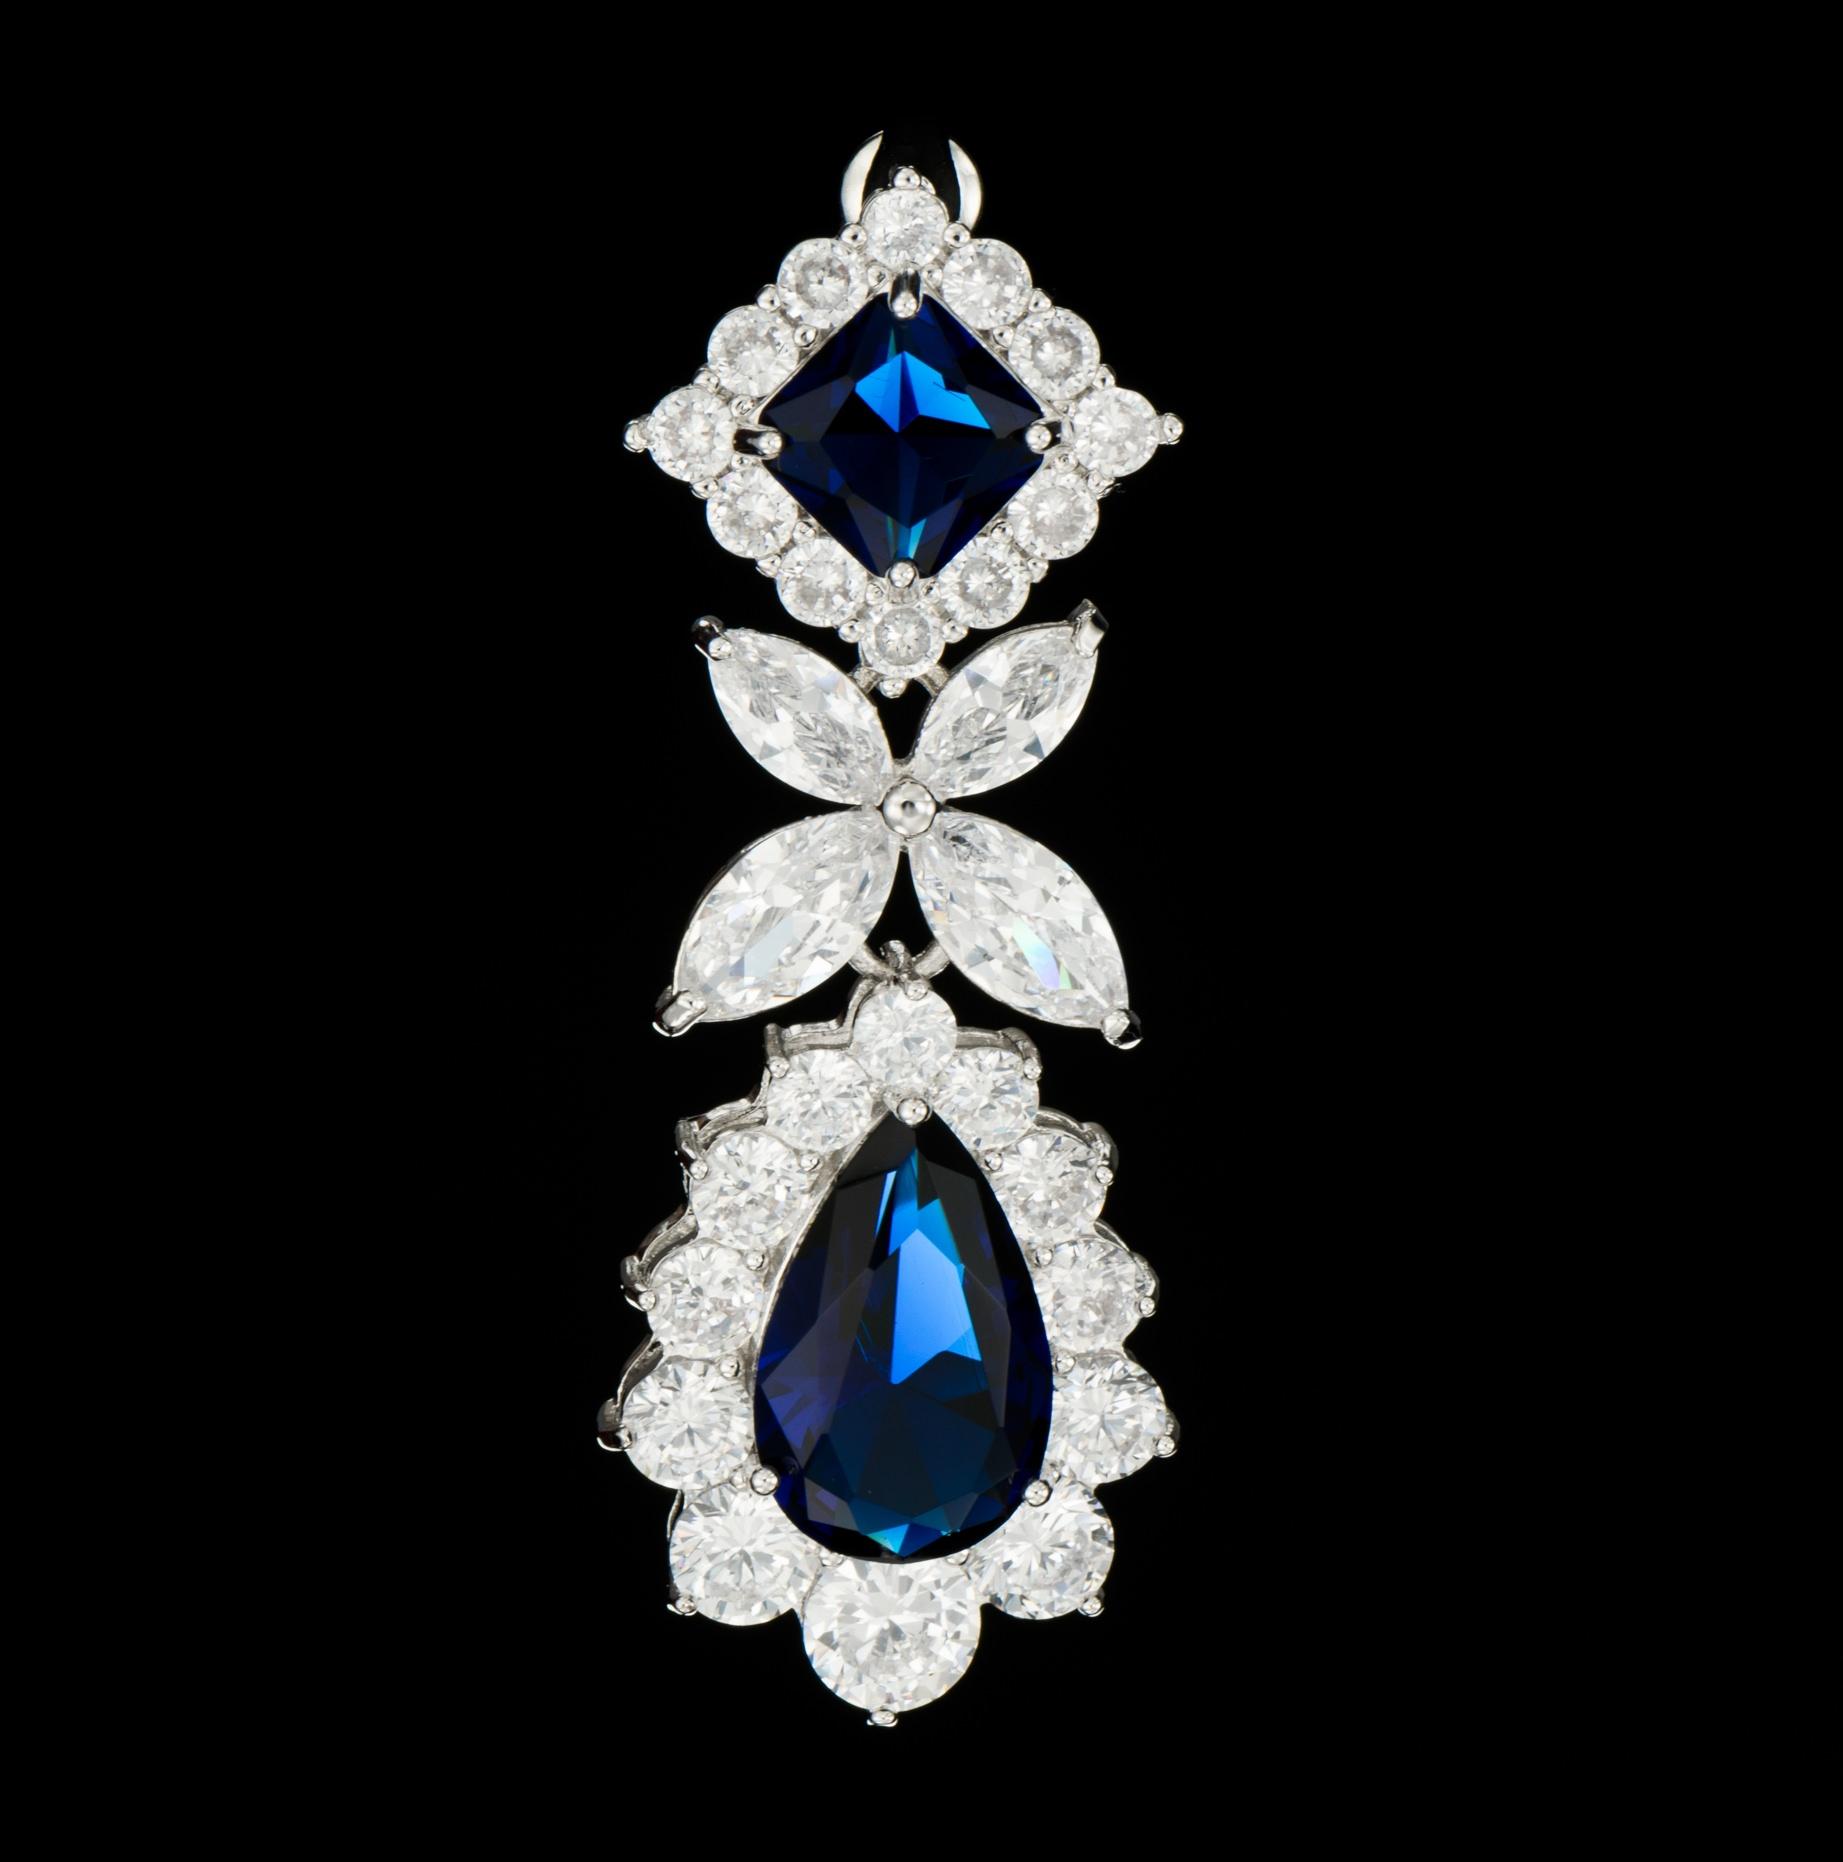 Cercei diamante - blue - Fotografie de produs 360 grade